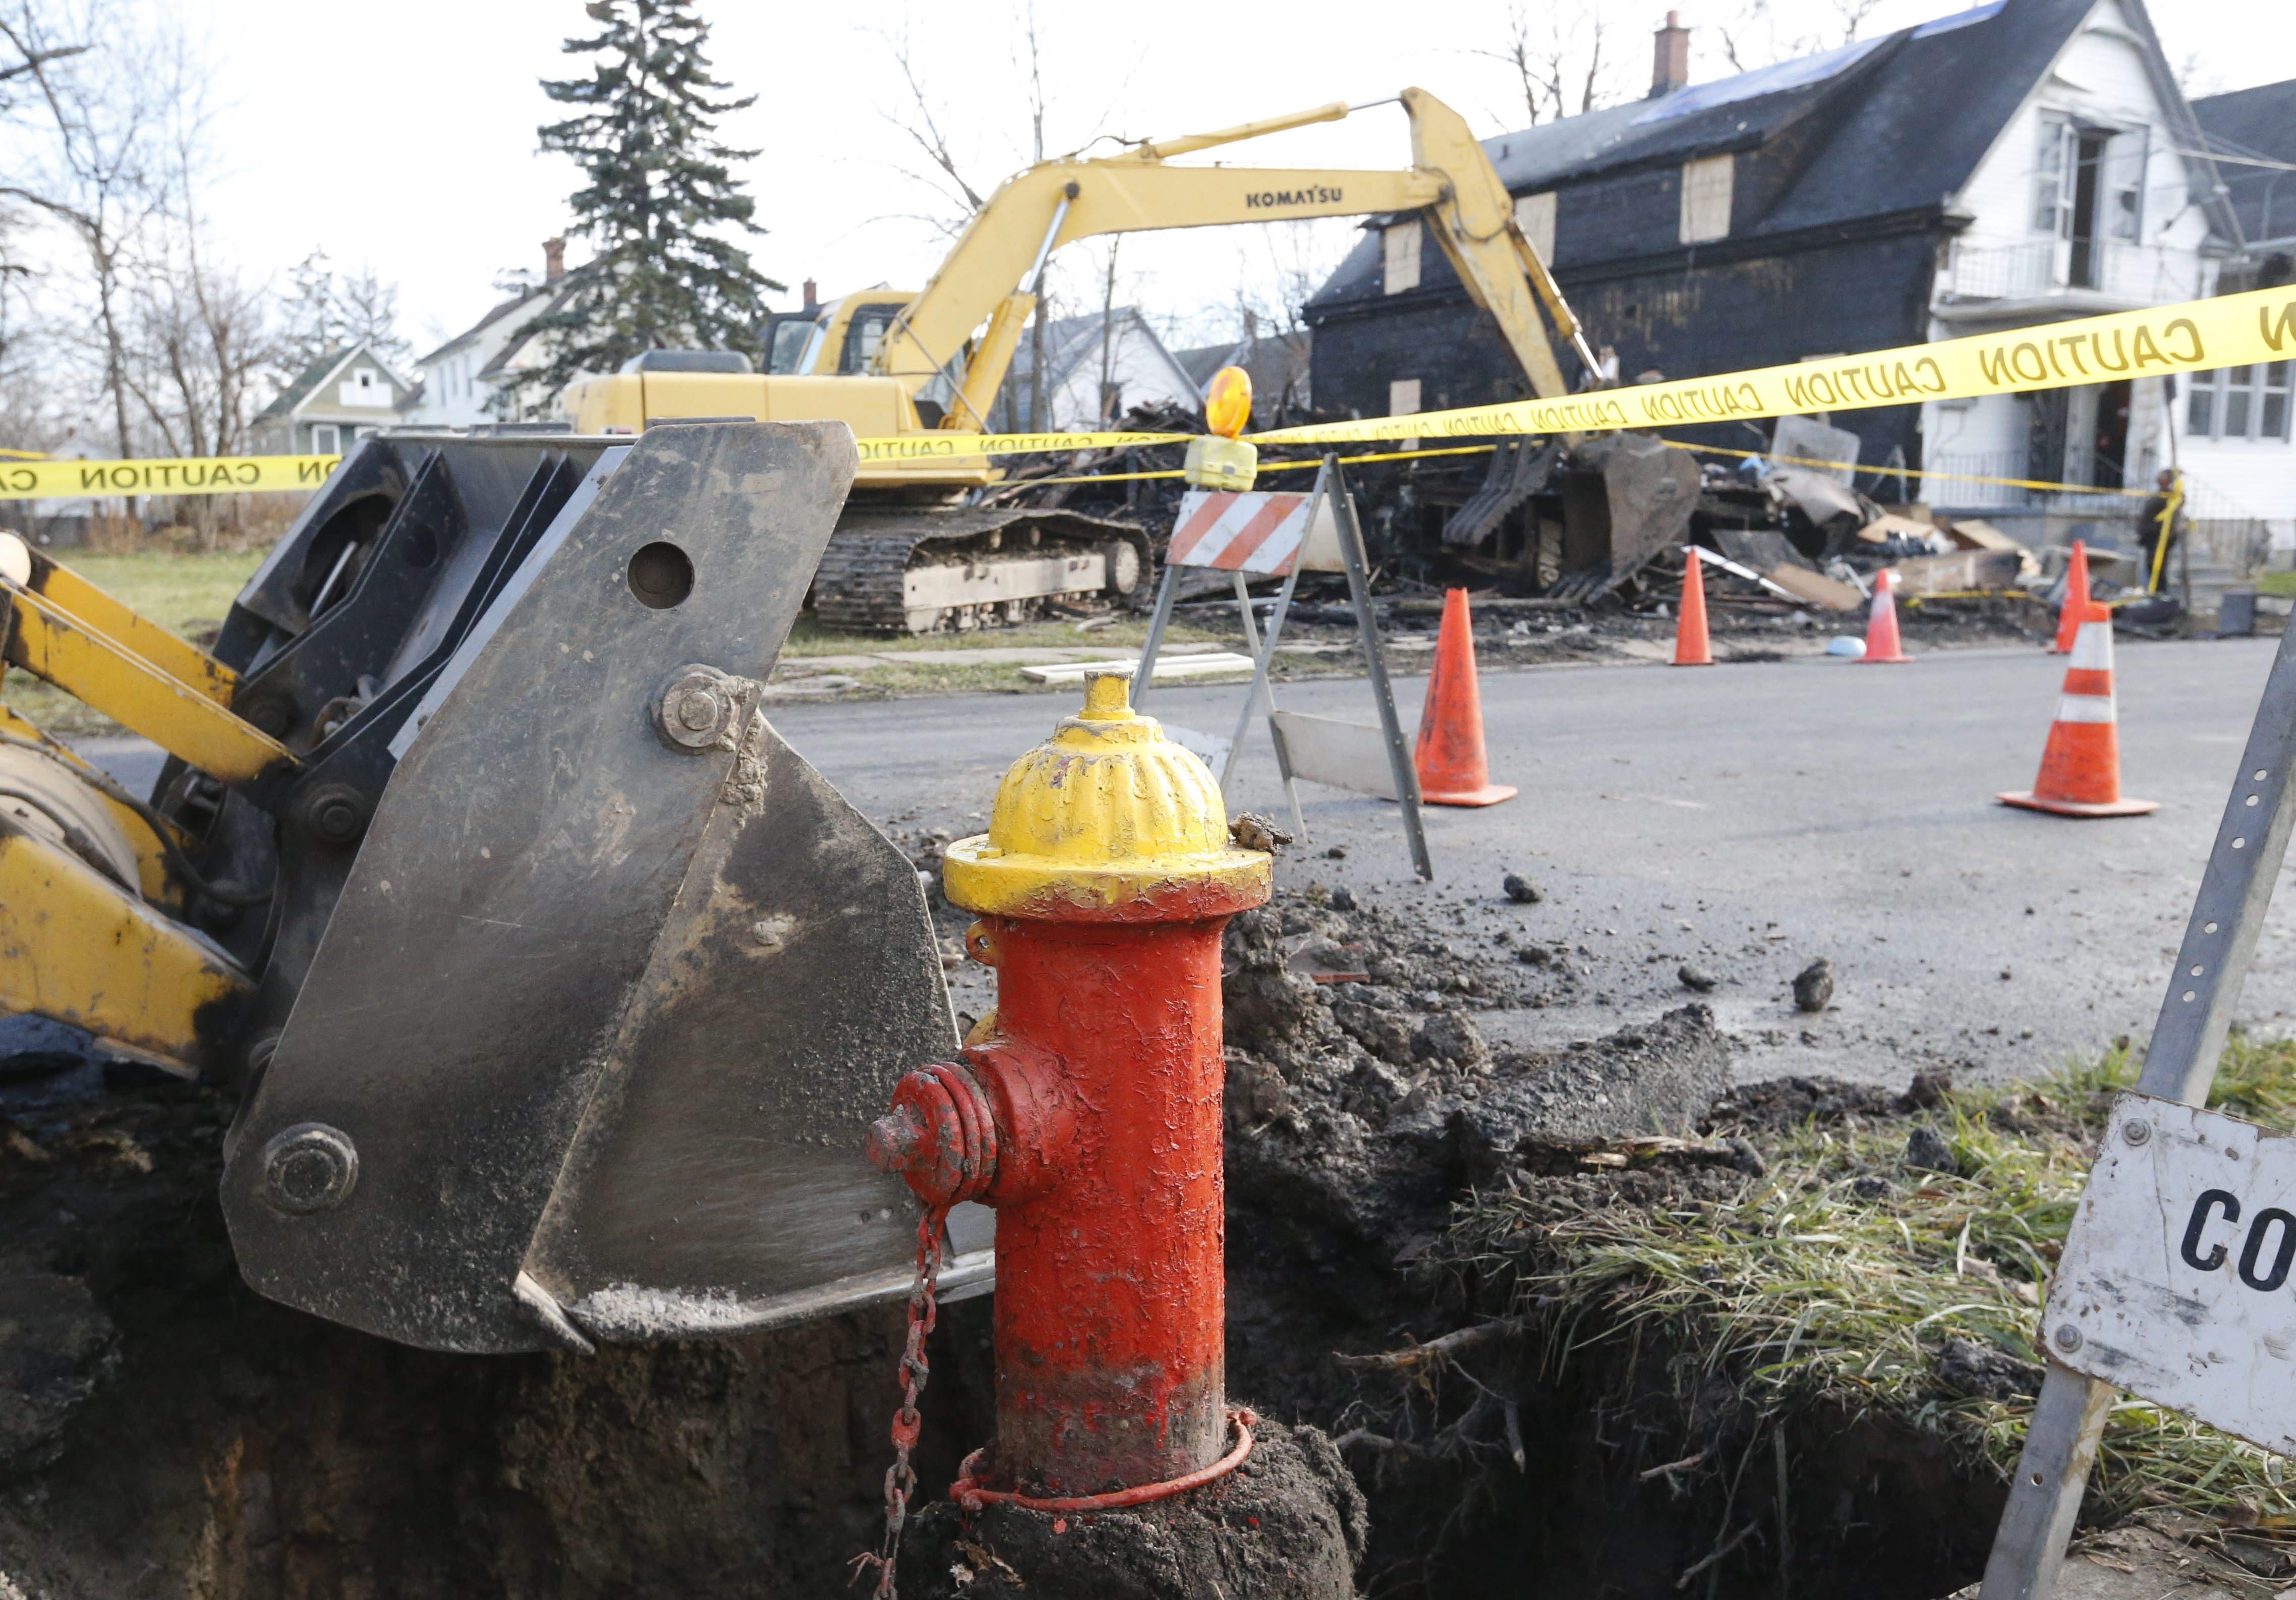 Work has begun on a broken fire hydrant across the street from 55 Nevada Ave. (Derek Gee/Buffalo News)